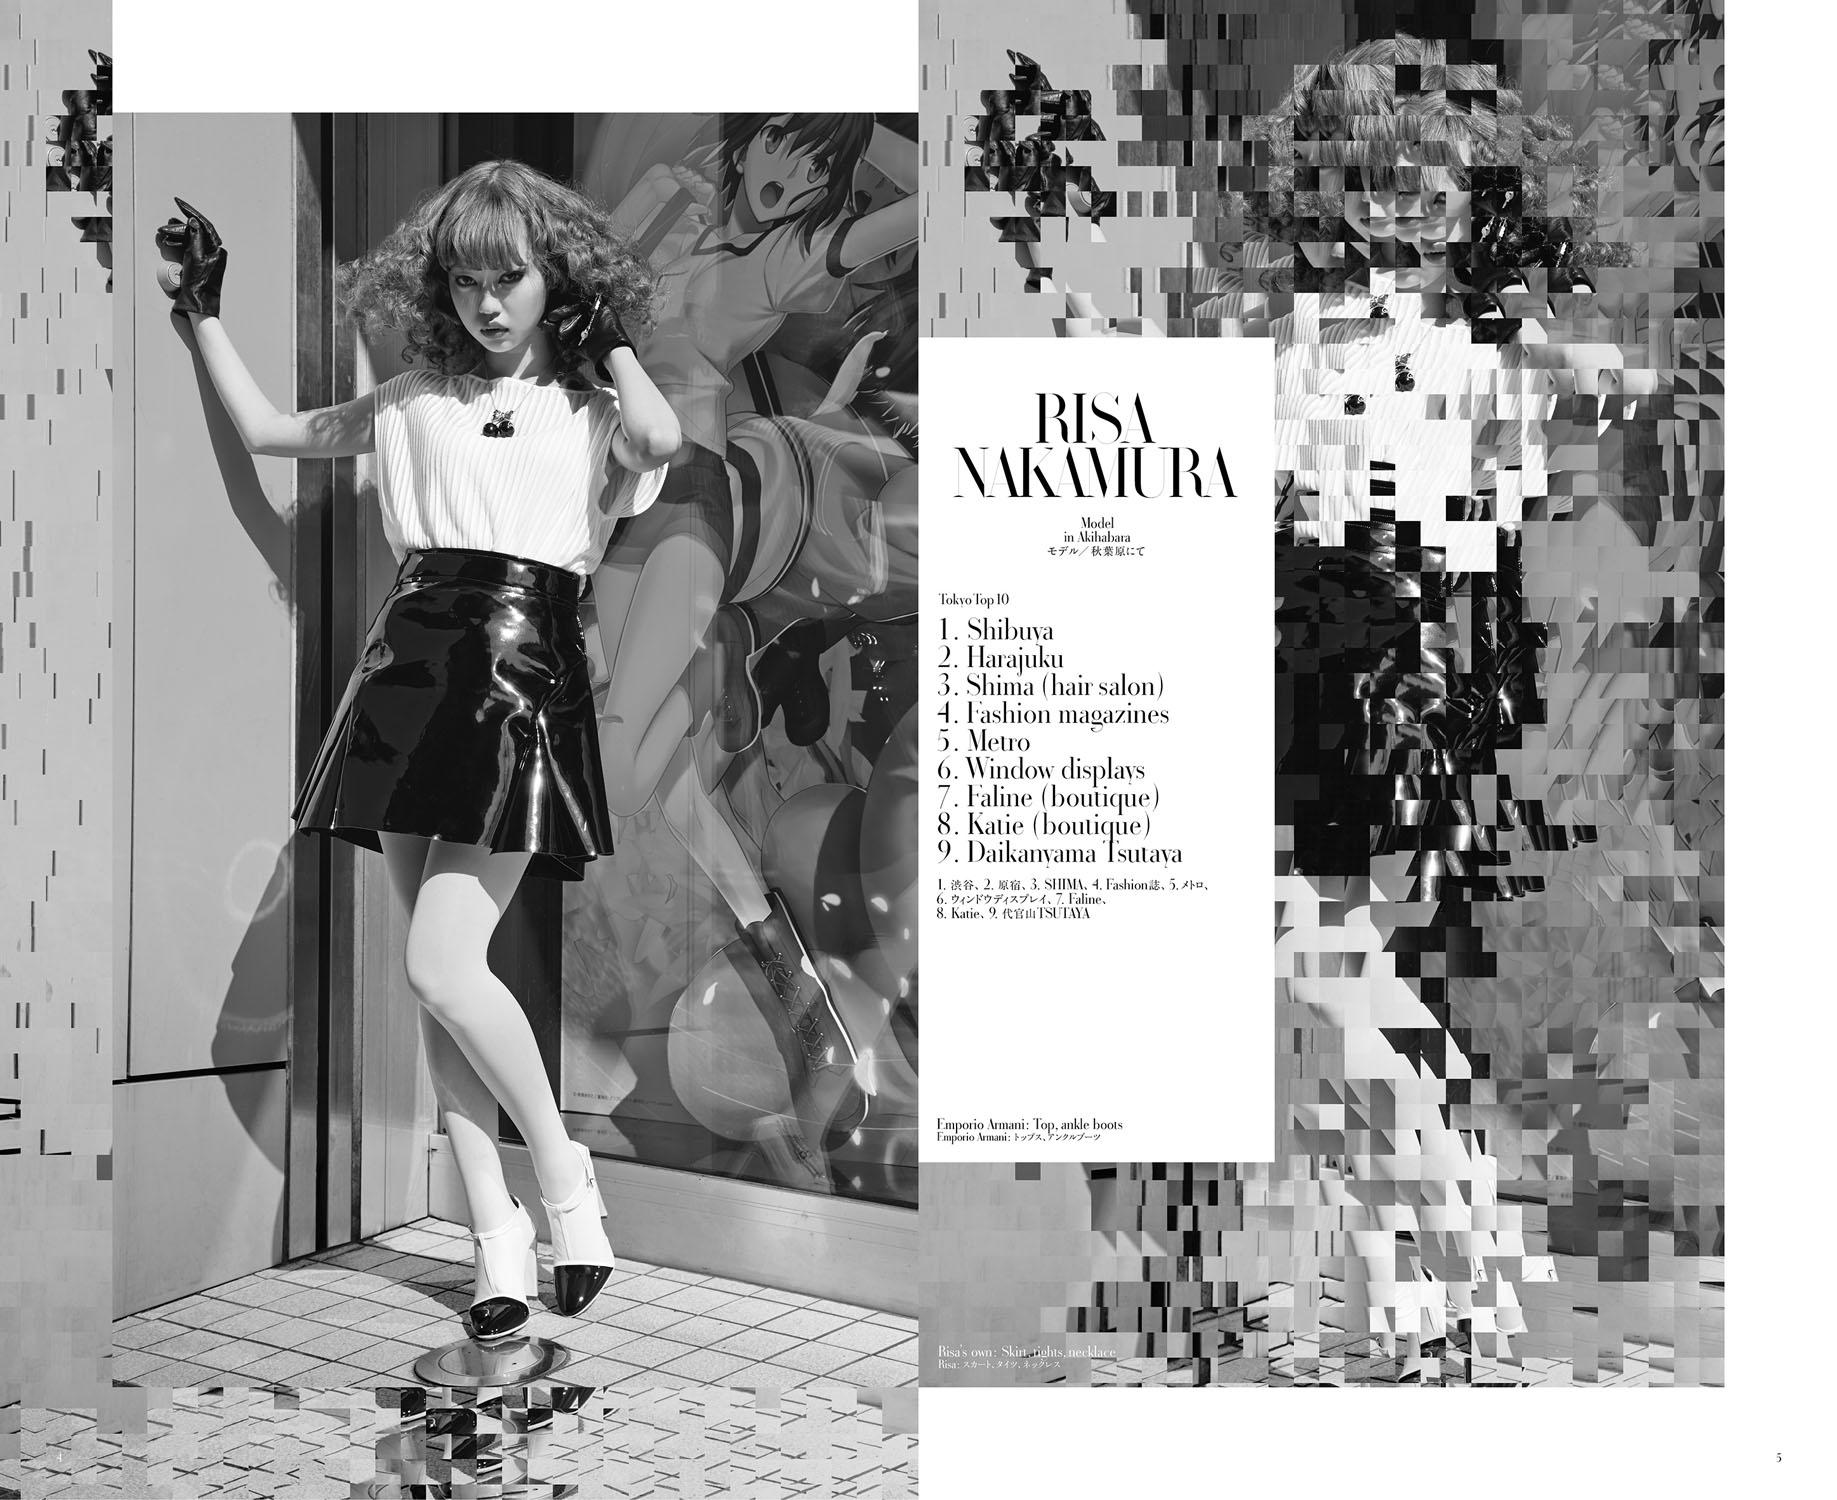 the reality show magazine | Risa Nakamura | photography by Carlotta manaigo